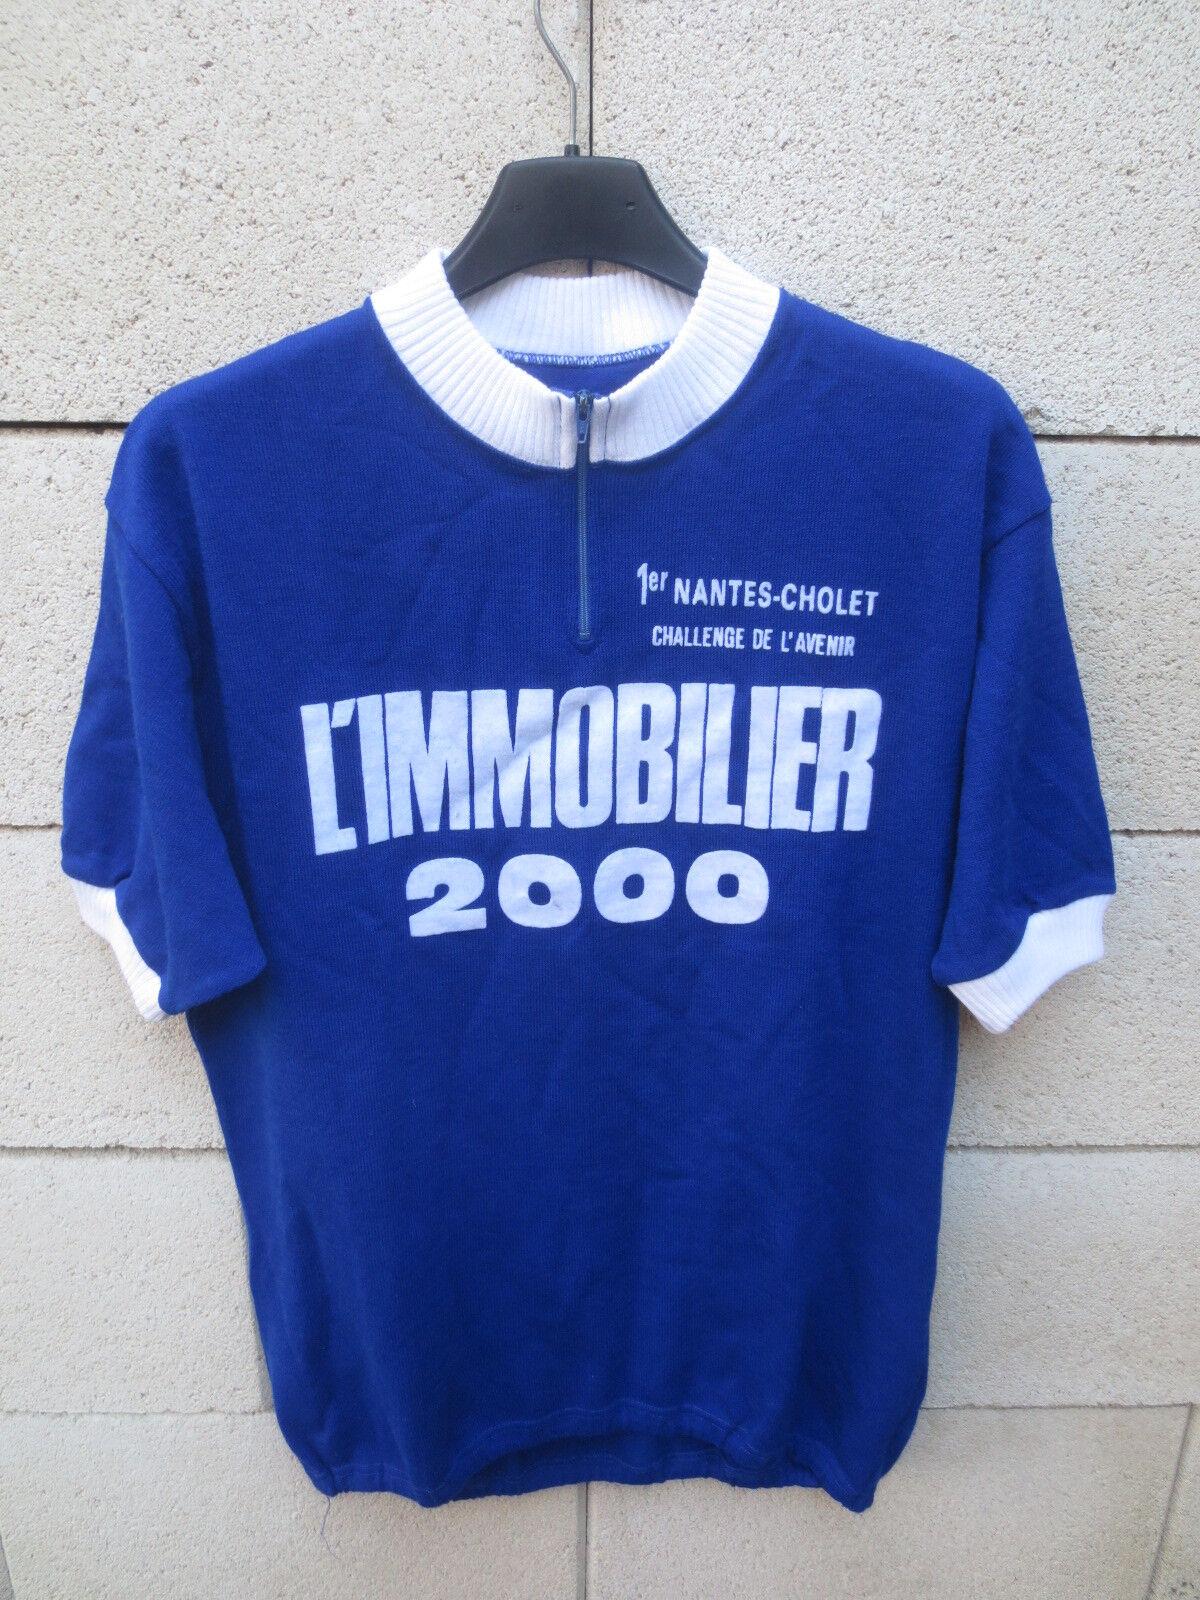 Maillot cycliste CHALLENGE DE L'AVENIR  Nantes Cholet vintage shirt jersey trikot  fantastic quality